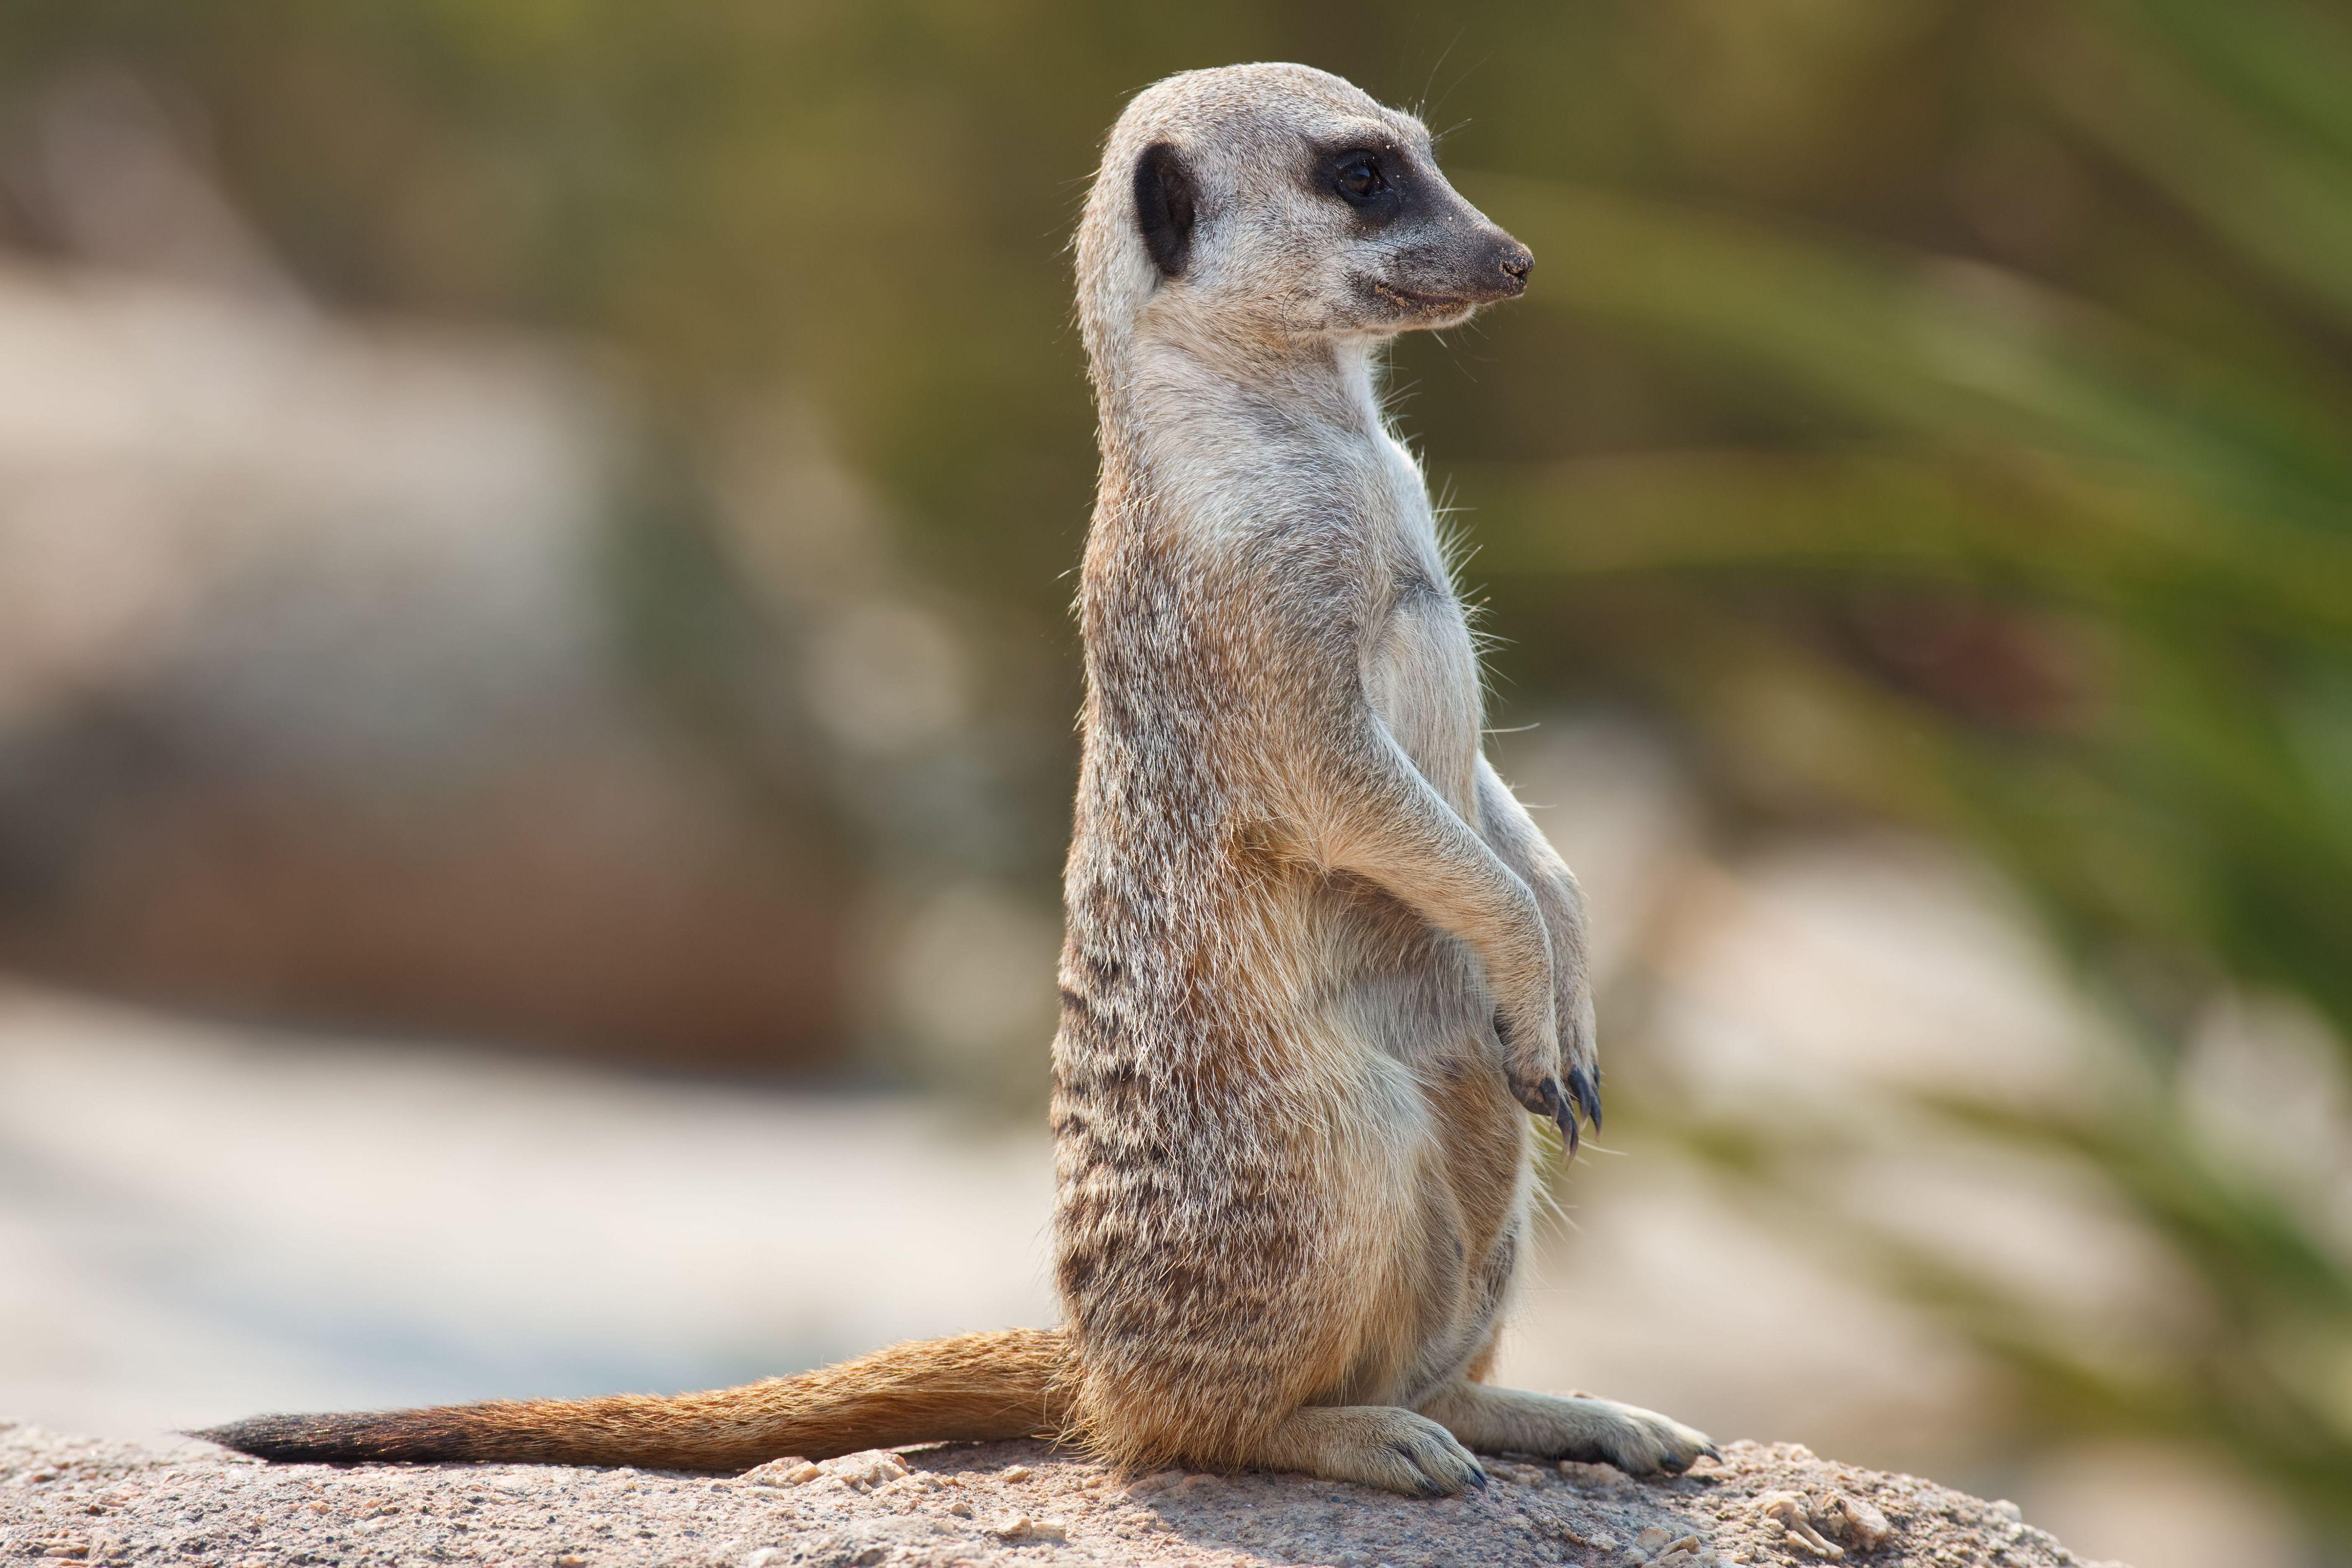 Meerkat Hq